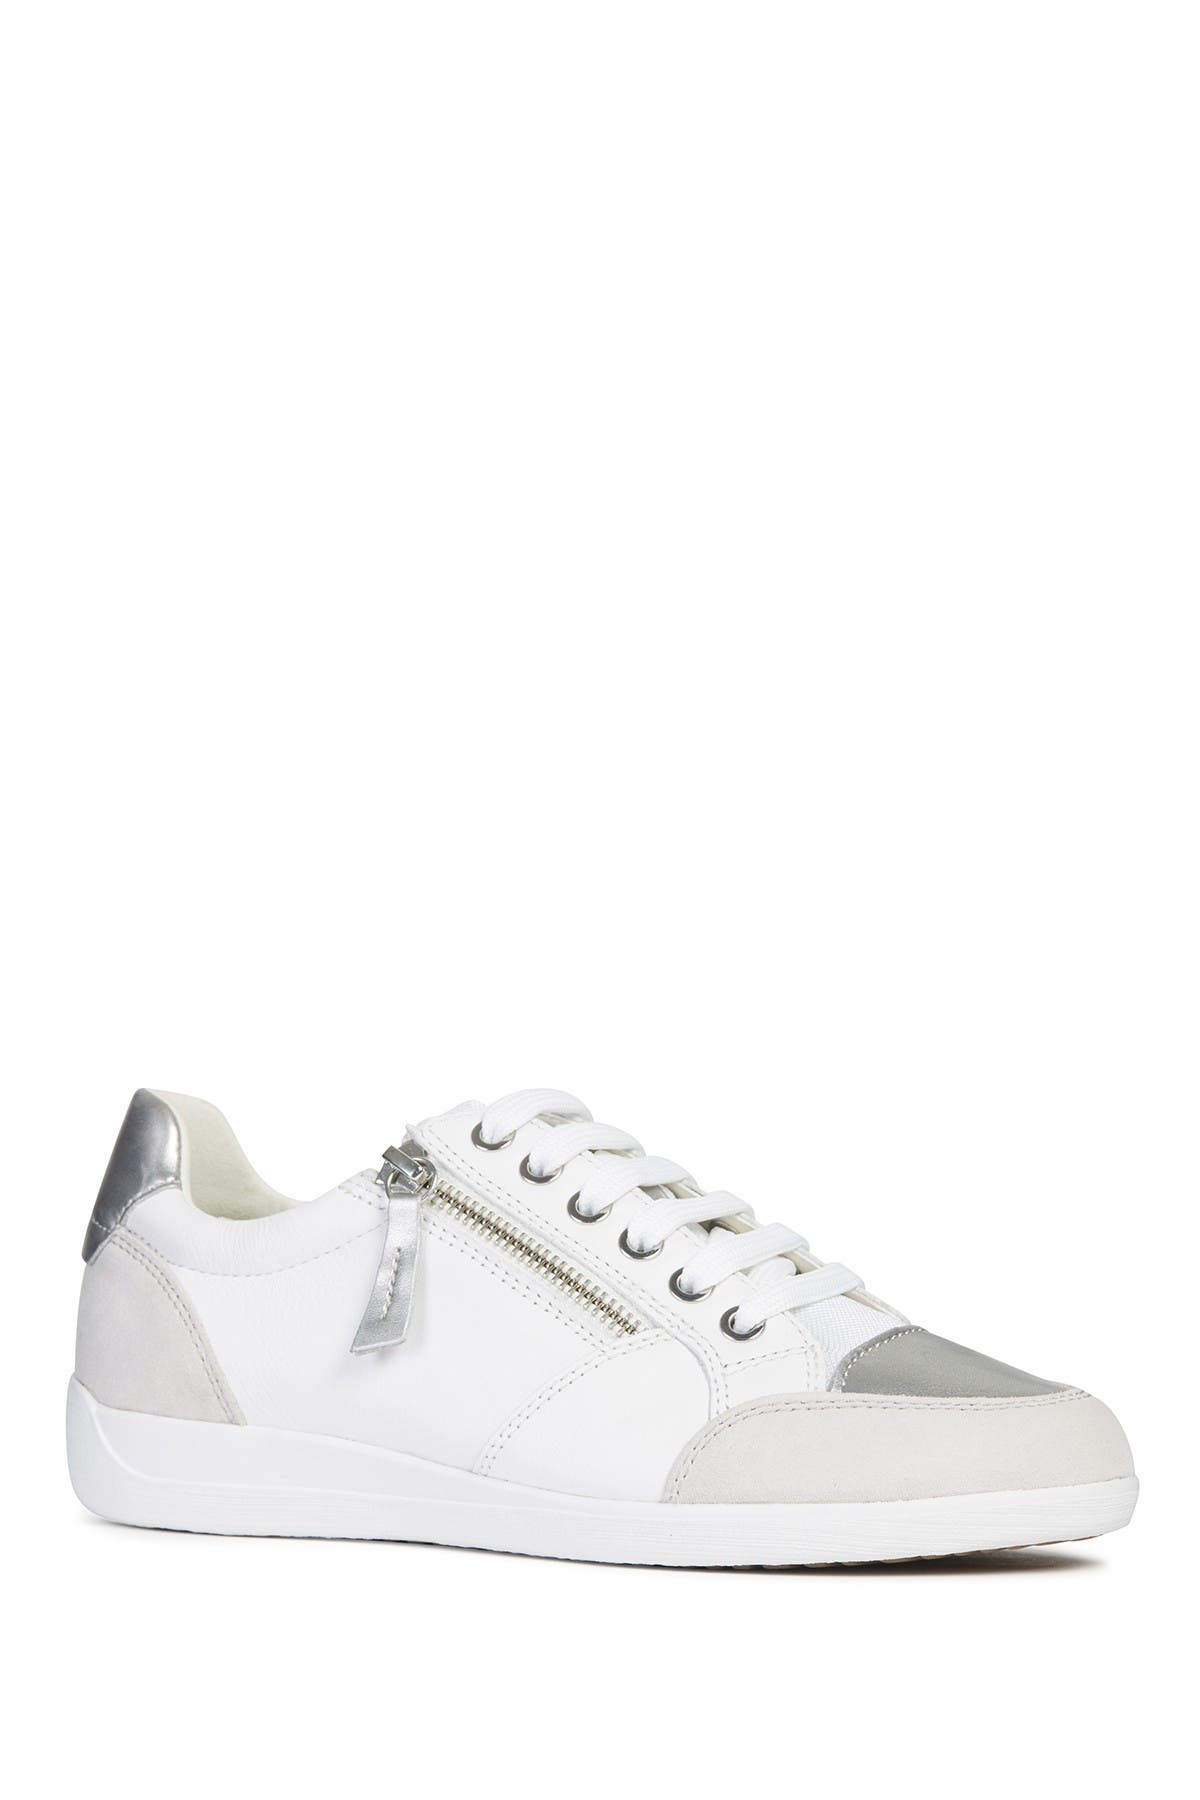 GEOX   Myria Flat Sneaker   Nordstrom Rack